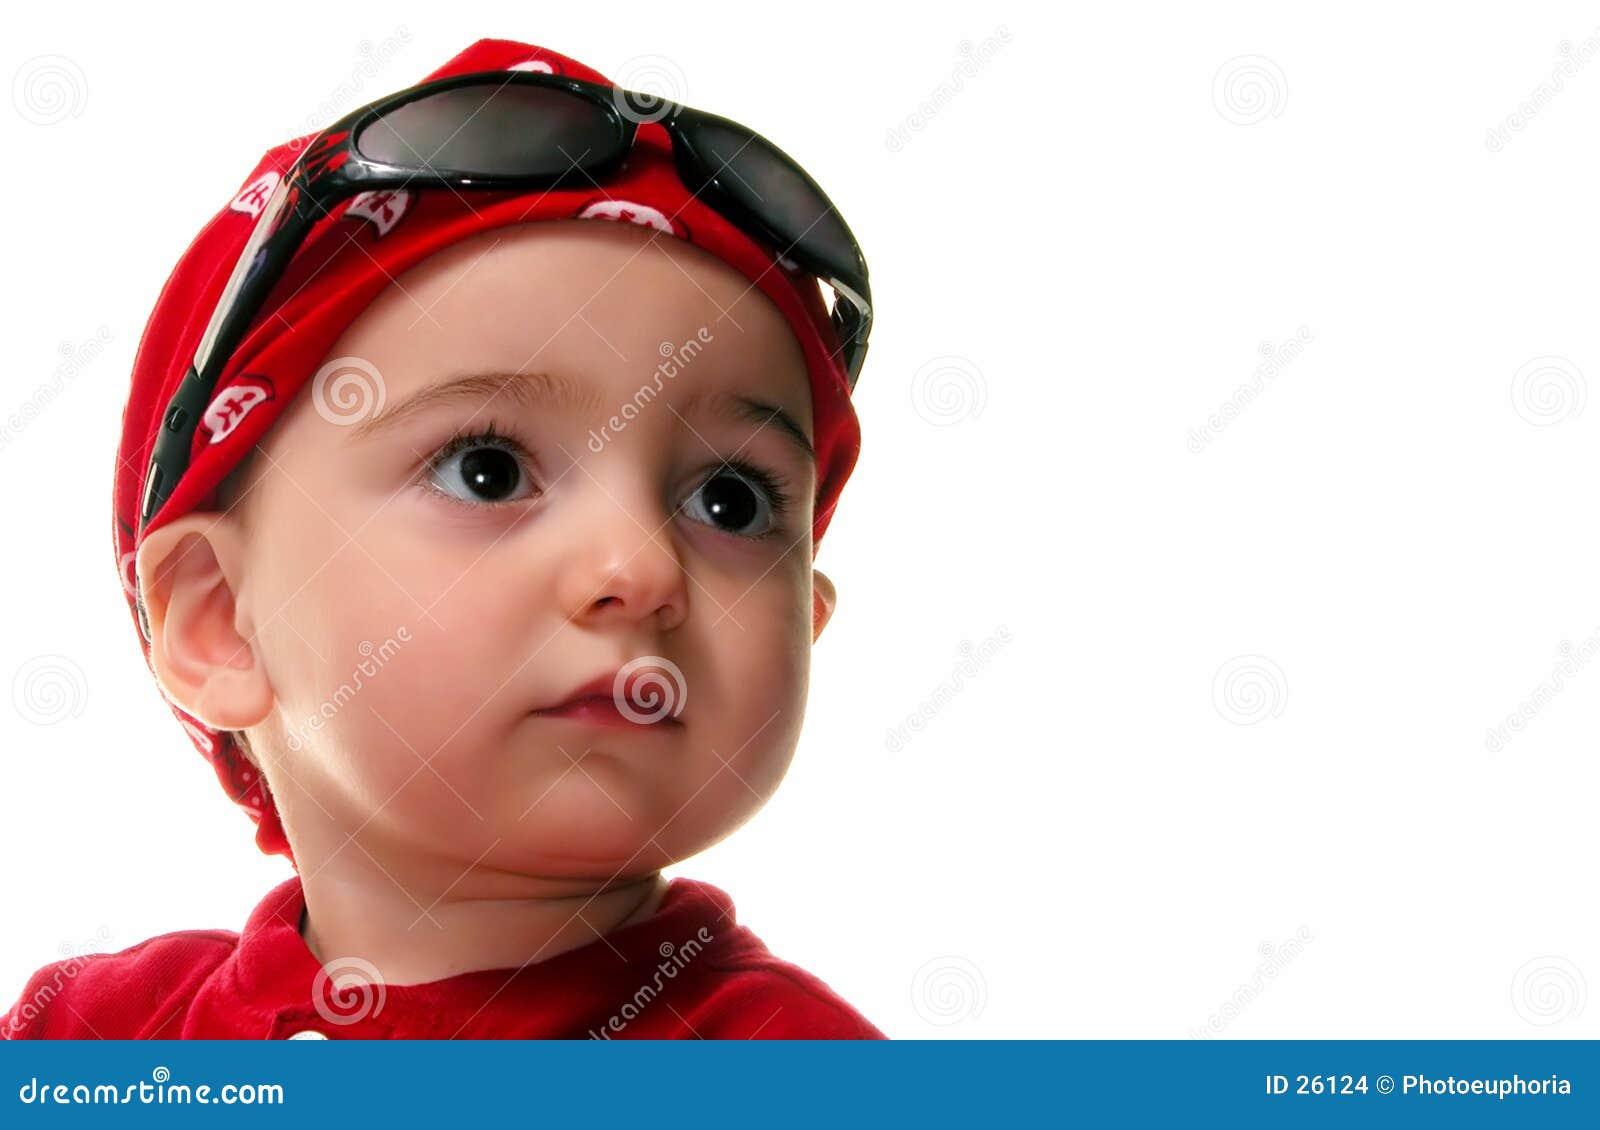 Download Haga al muchacho del trapo foto de archivo. Imagen de niño - 26124